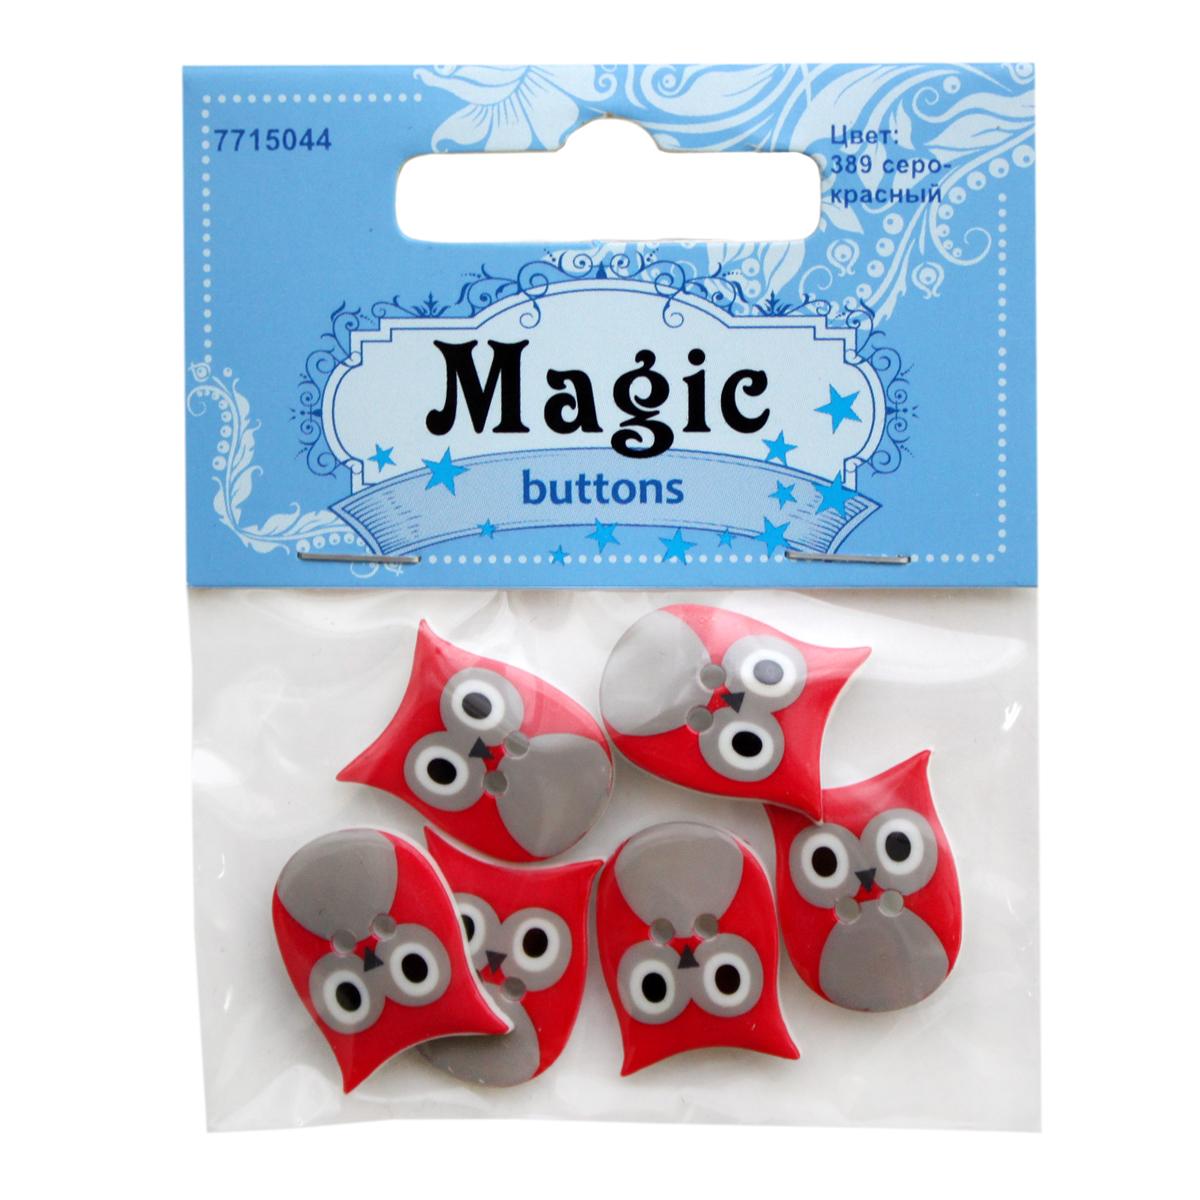 """Пуговицы декоративные Magic Buttons """"Сова"""", цвет: серый, красный, 6 шт. 7715044"""